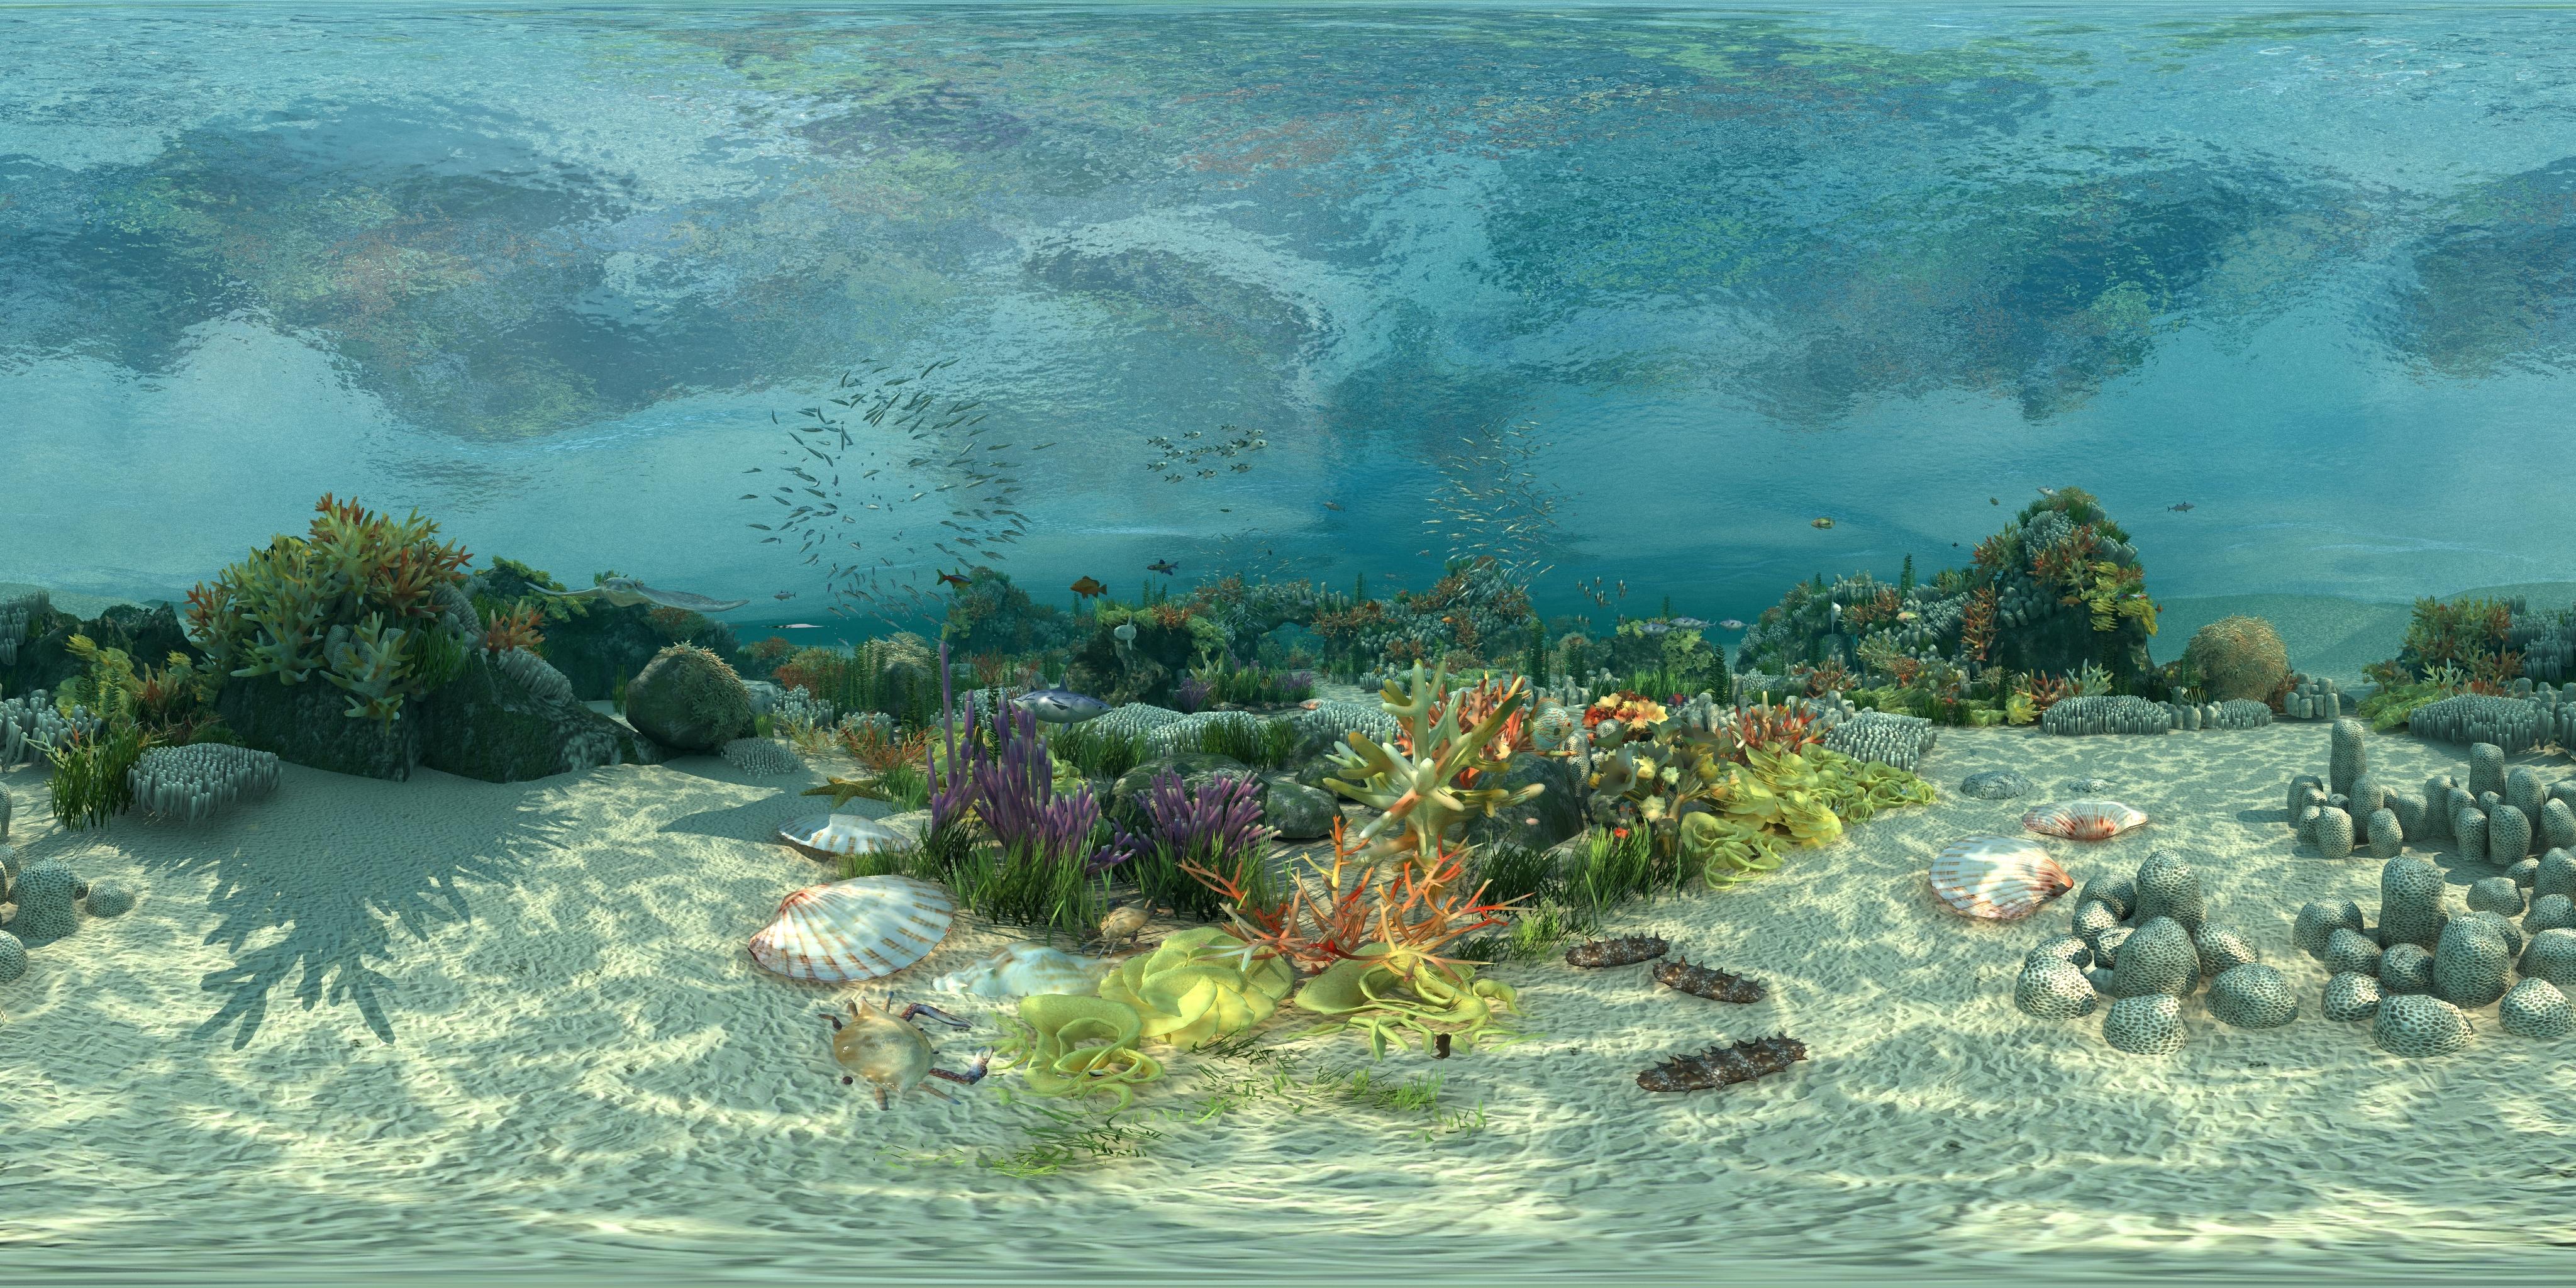 3D ocean floor coral reefs - TurboSquid